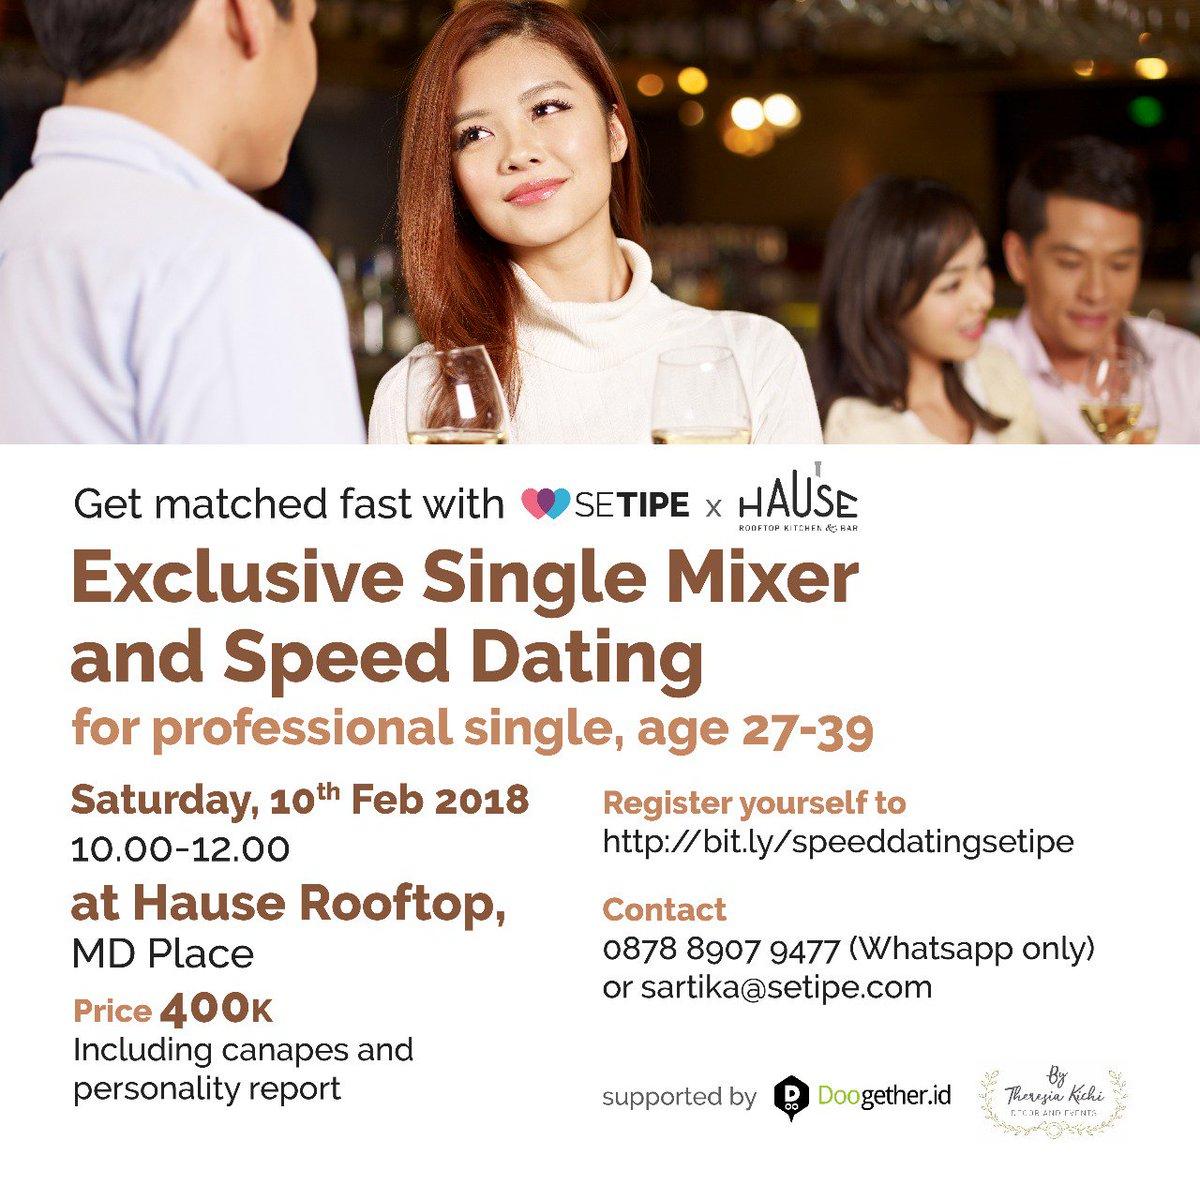 online dating setipe Hvad er aldersforskellen for dating i loven